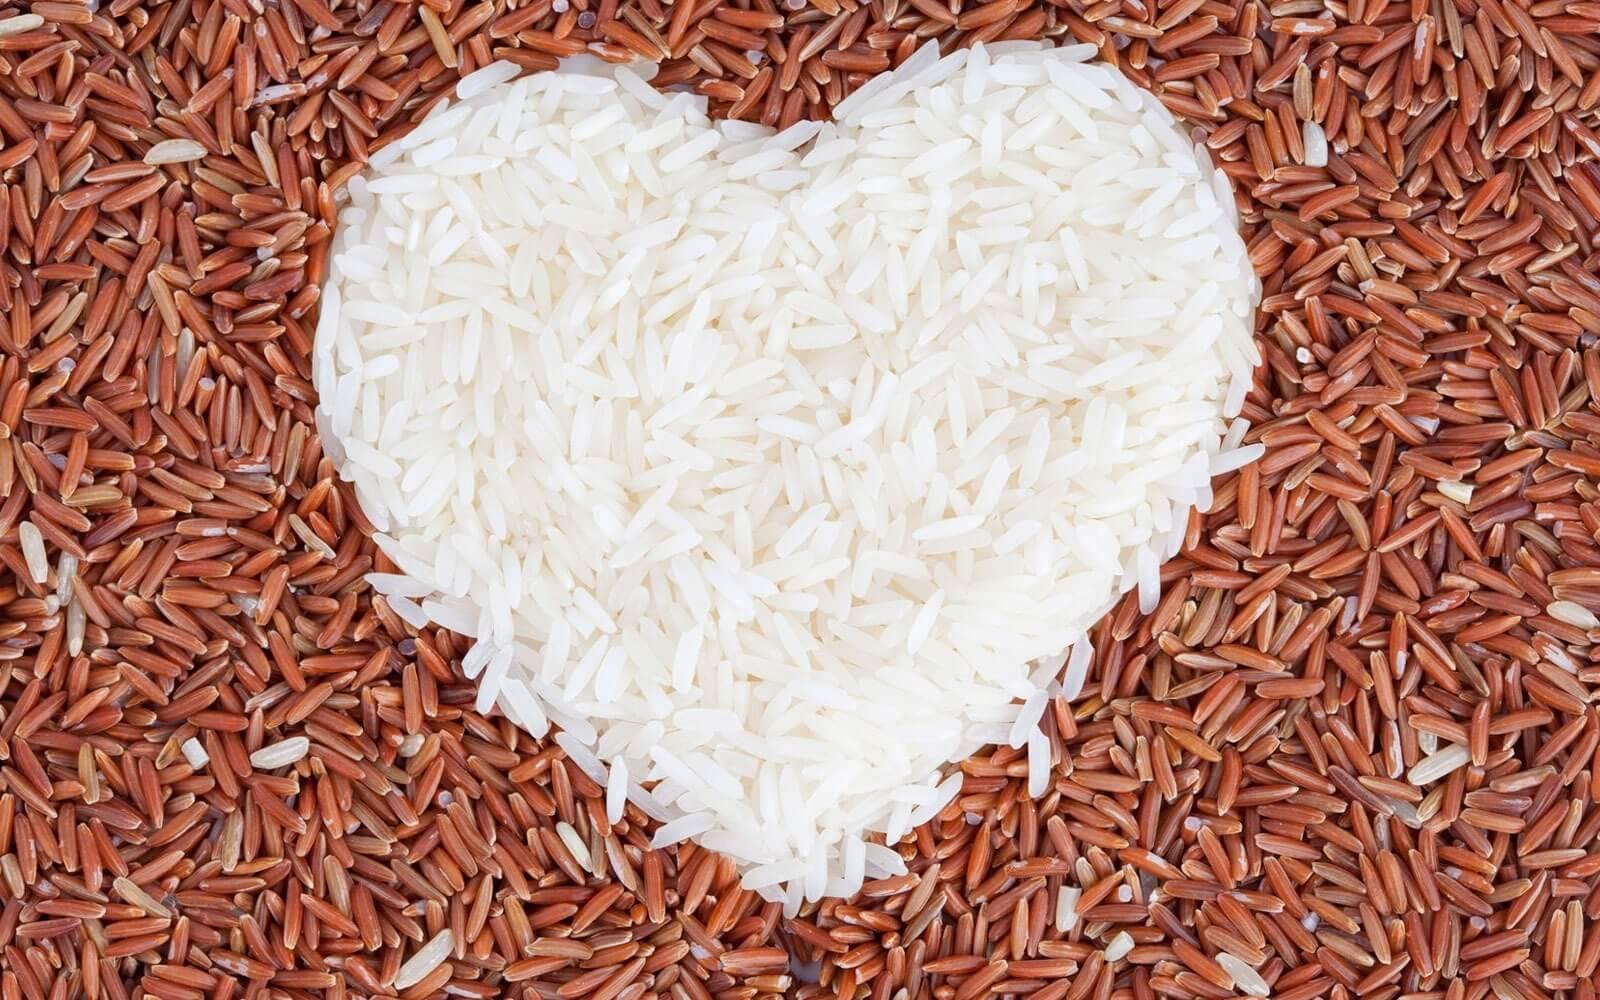 Makan Nasi Bisa Mempengaruhi Kenaikan Gula Darah?